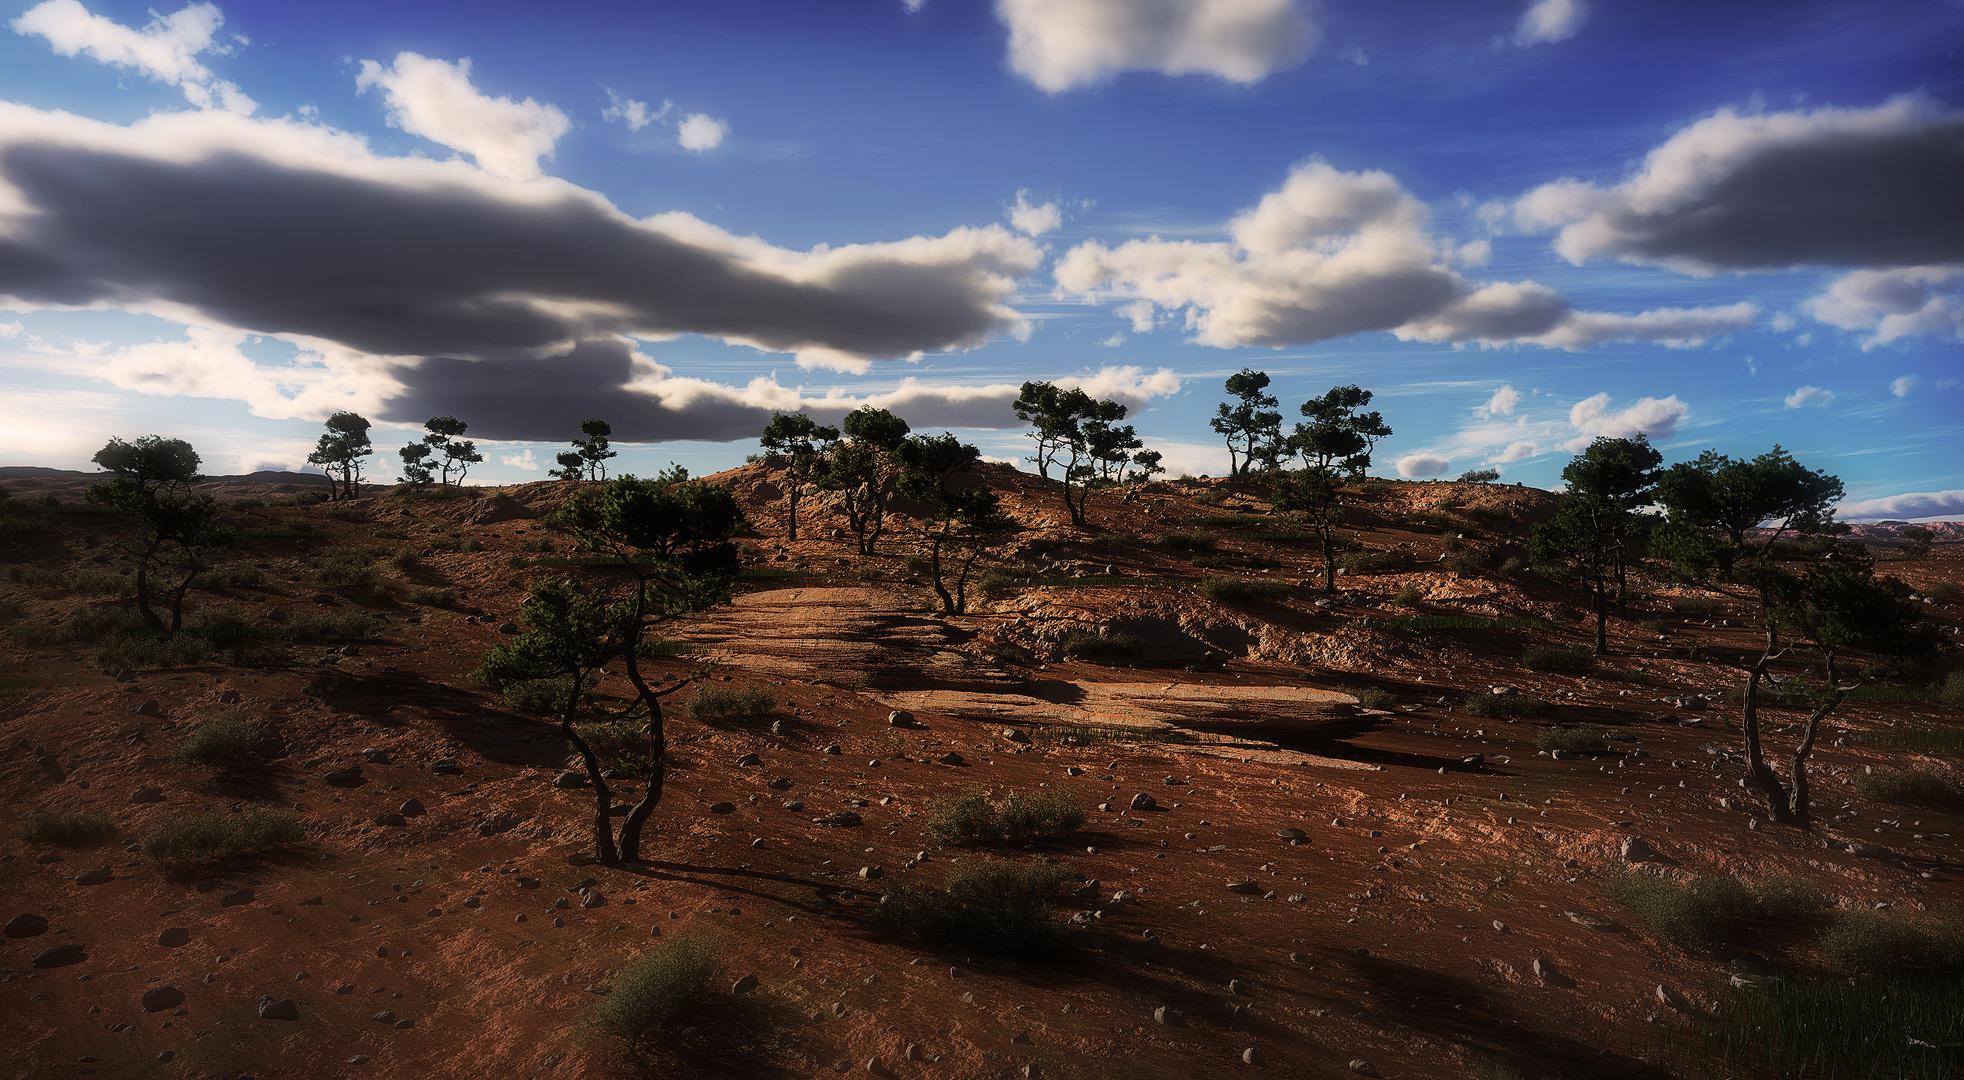 stony desert 1.0